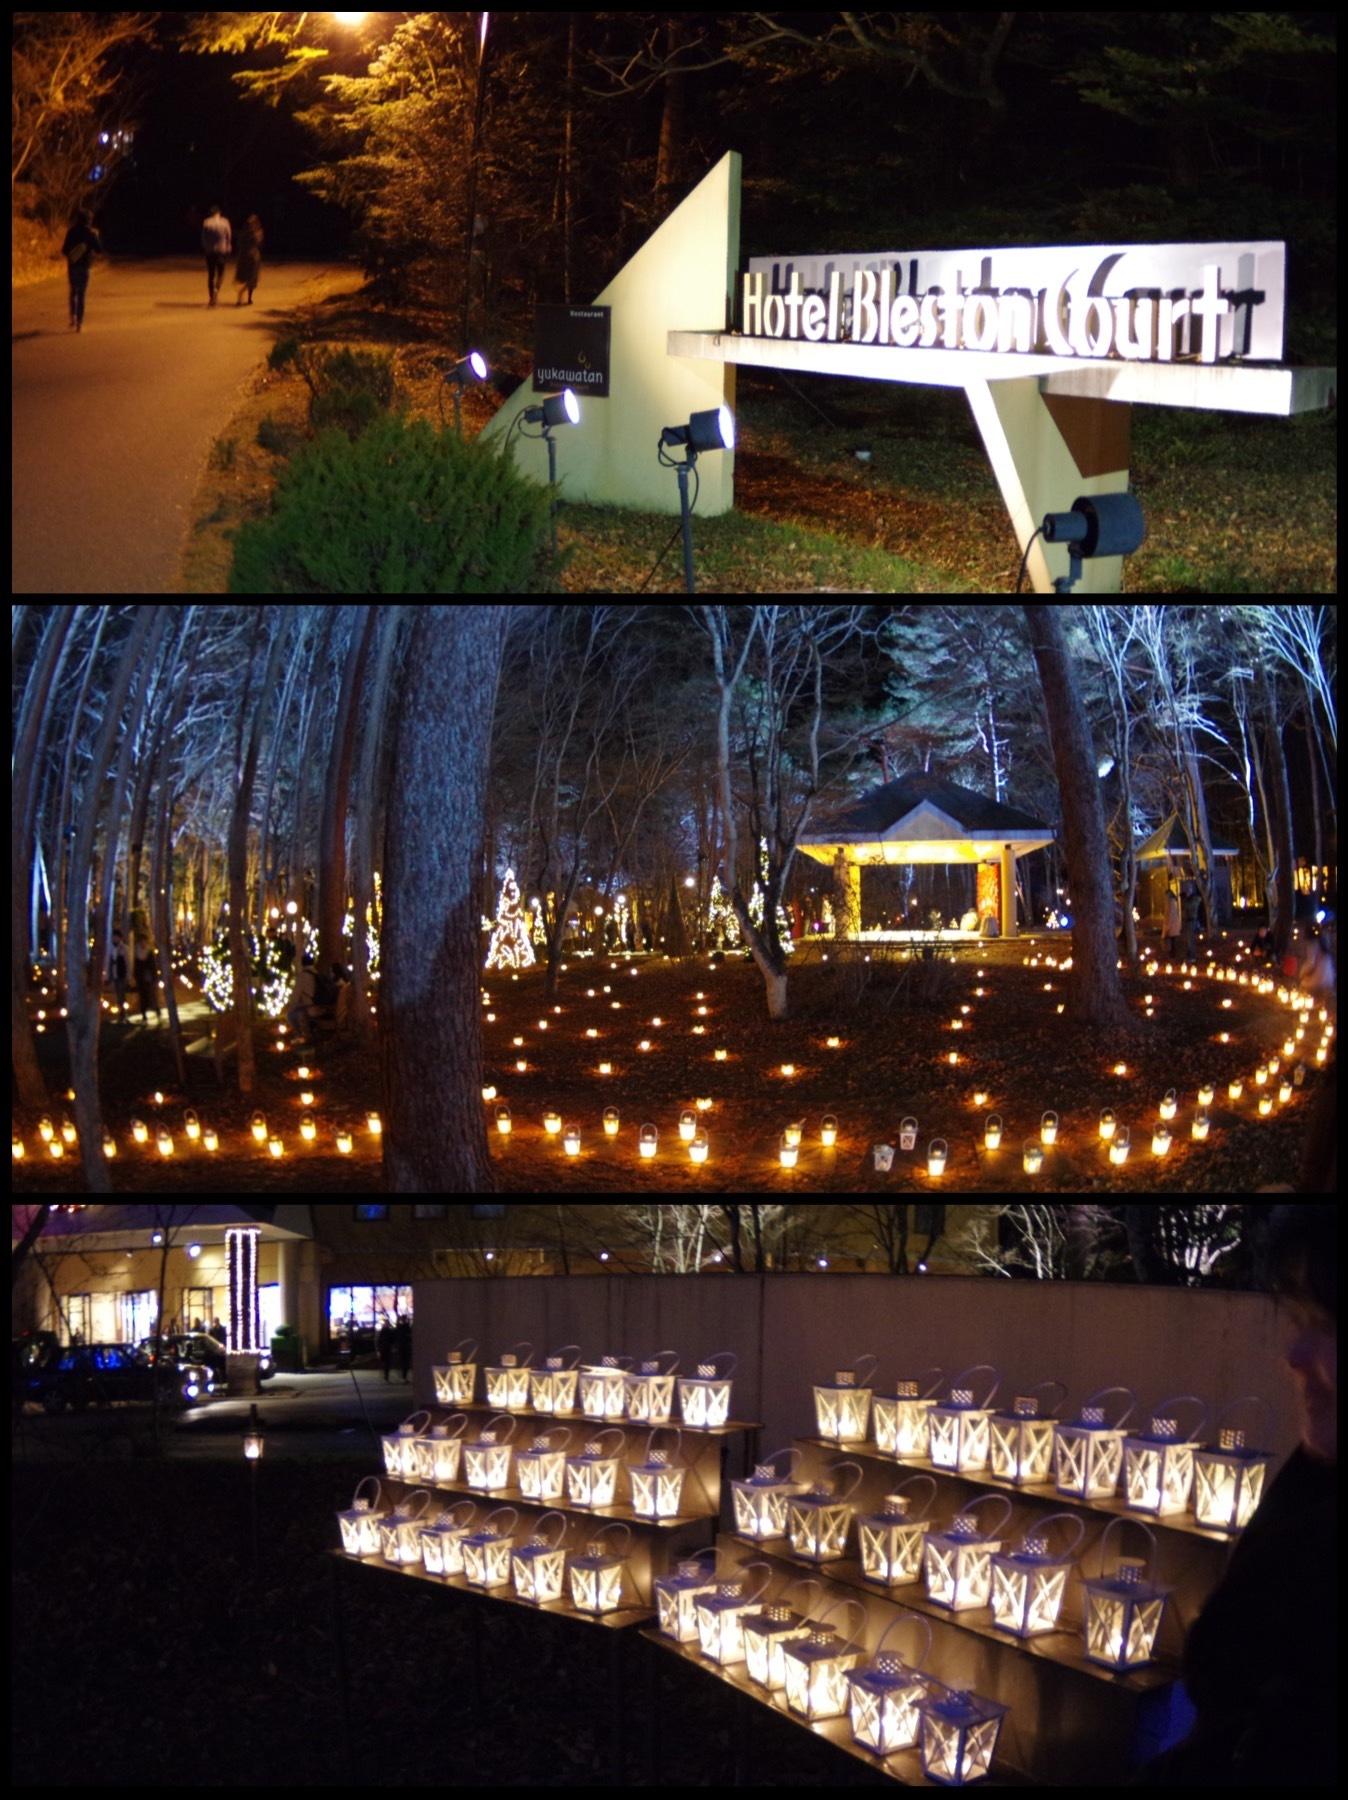 星のや軽井沢 ホテルブレストンコート 軽井沢高原教会 クリスマスキャンドルナイト